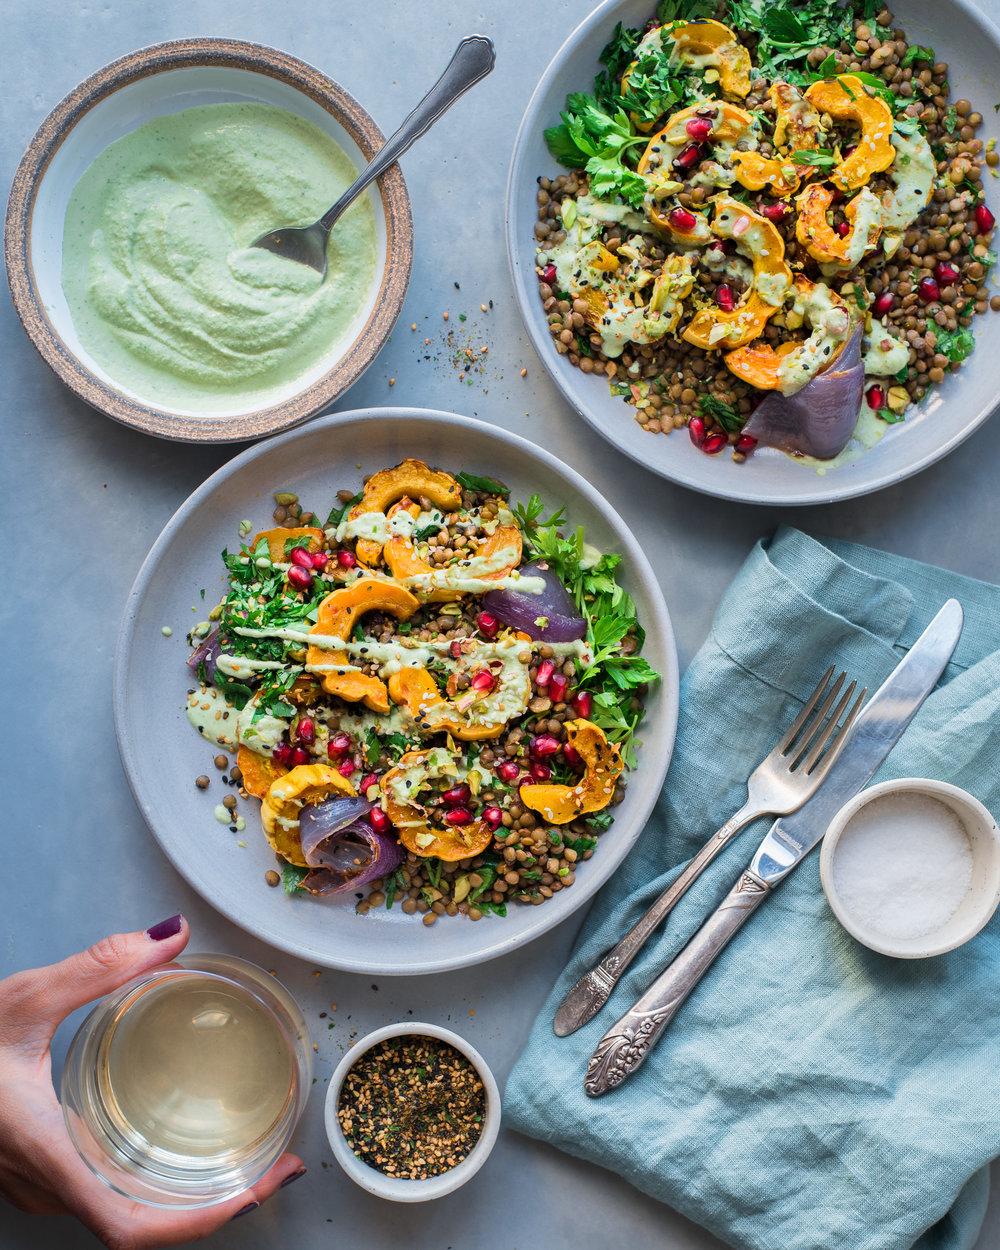 Warm Lentil Salad with Delicata Squash and Cilantro Cashew Cream